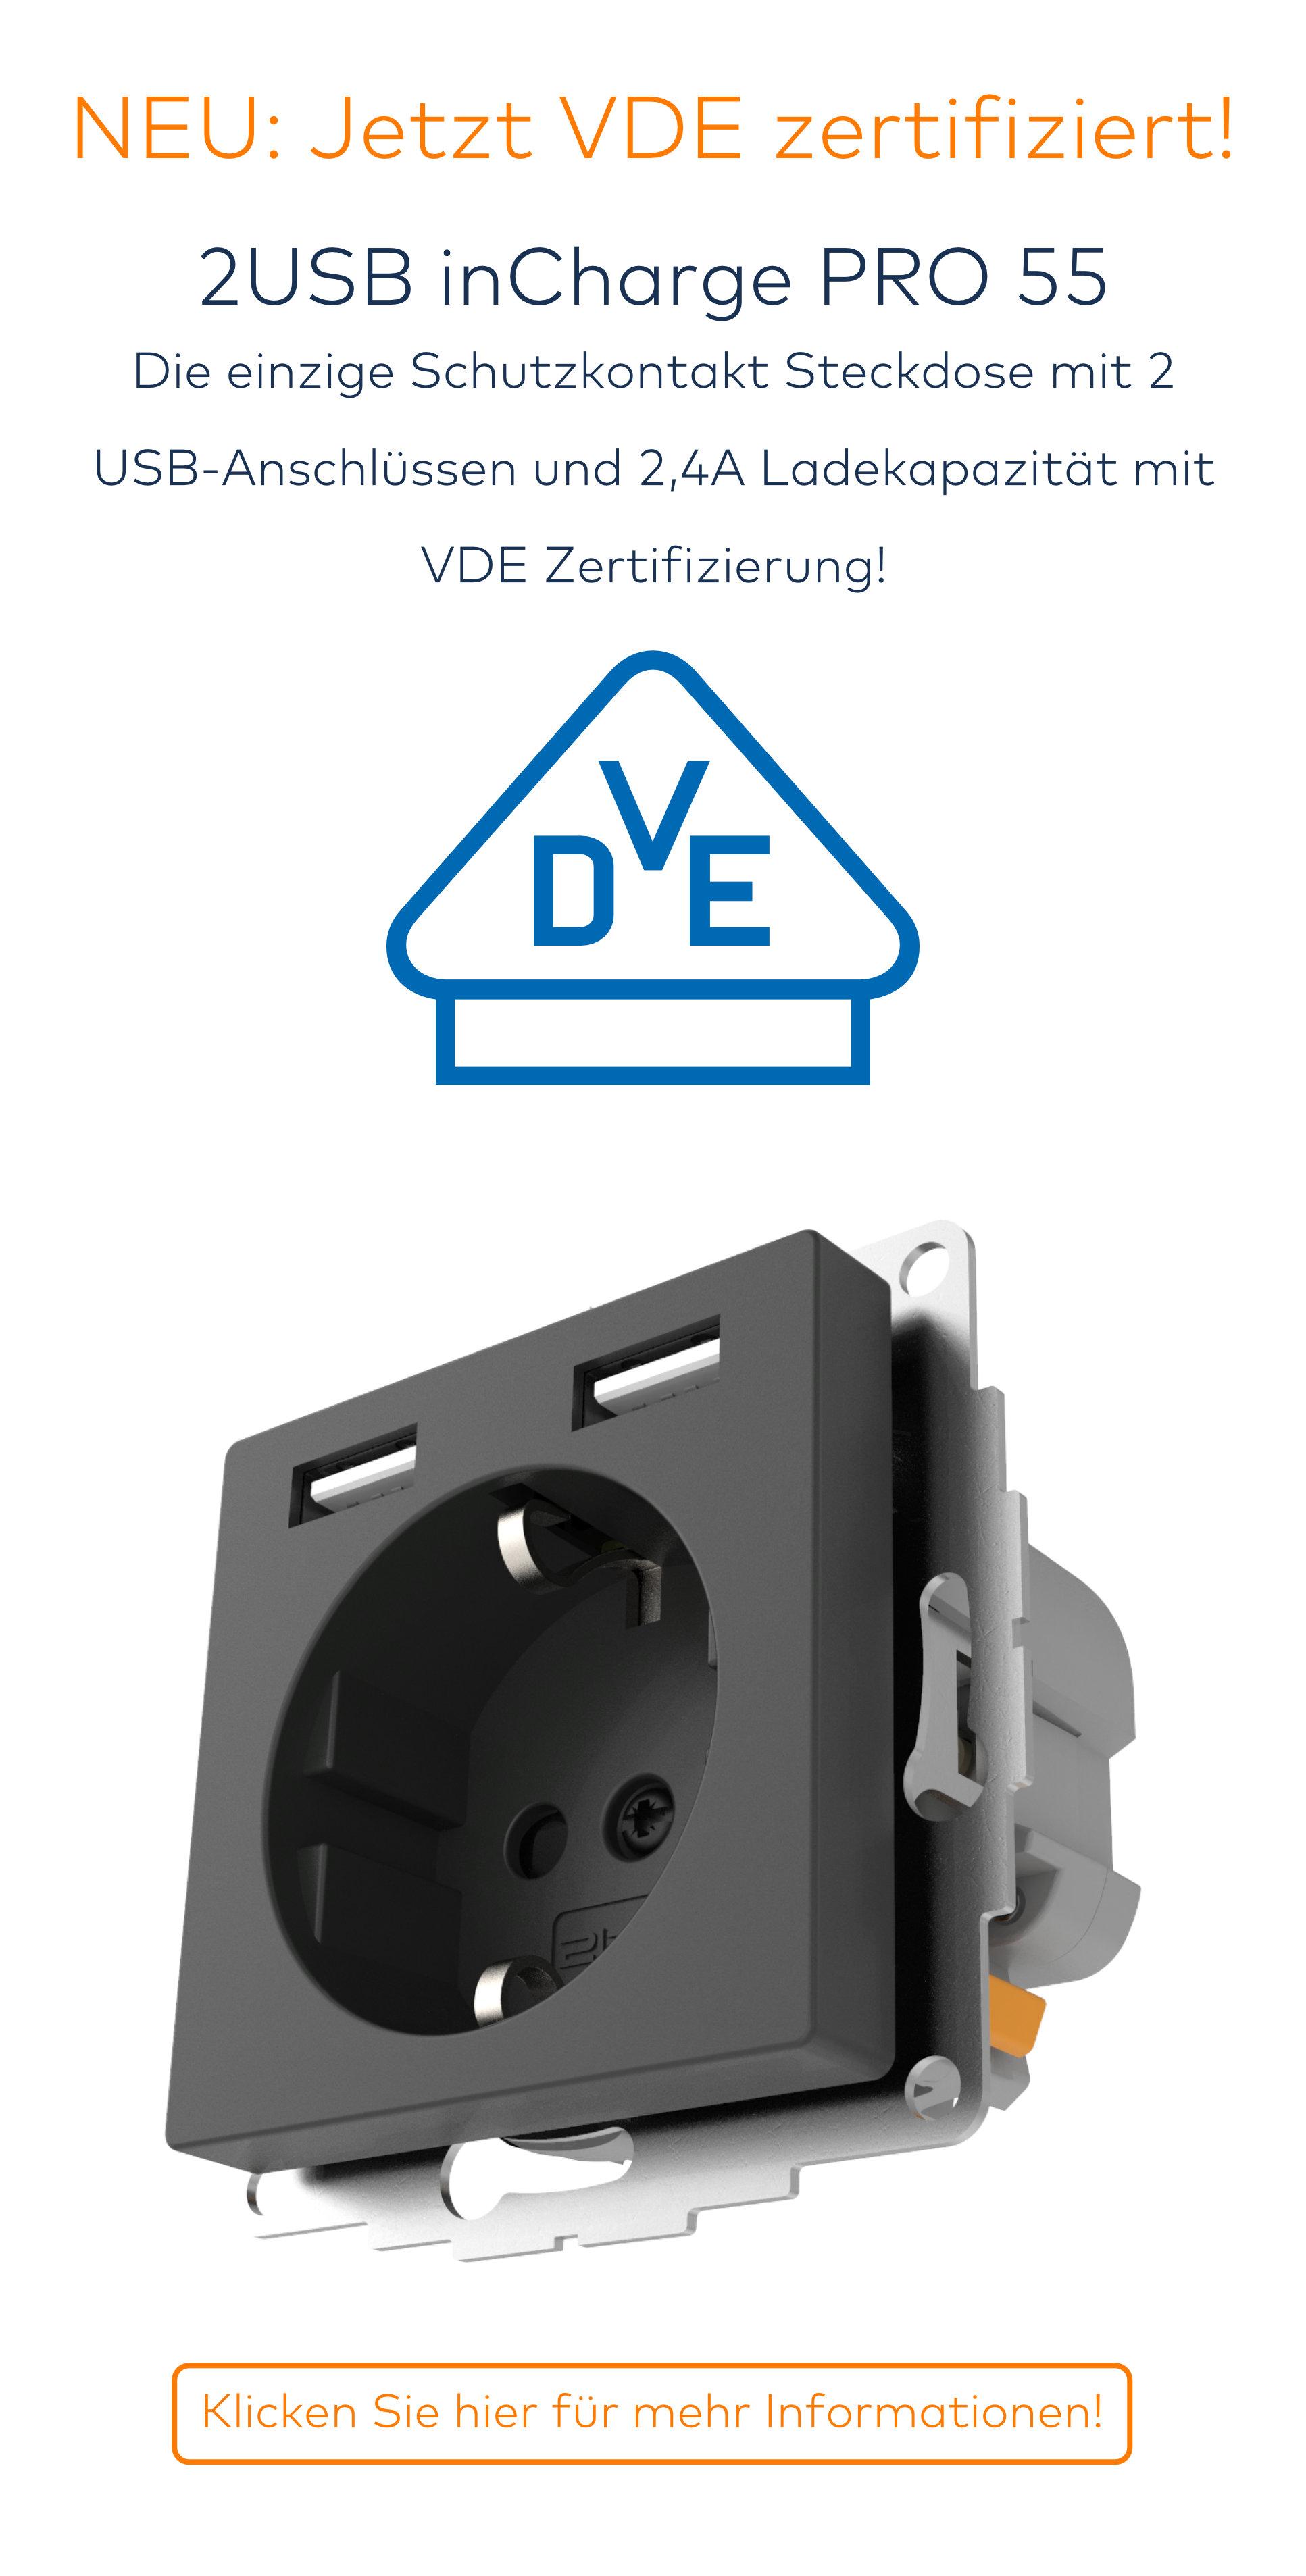 Berühmt Das Kompatible Schuko Steckdose mit USB von 2USB ZG24